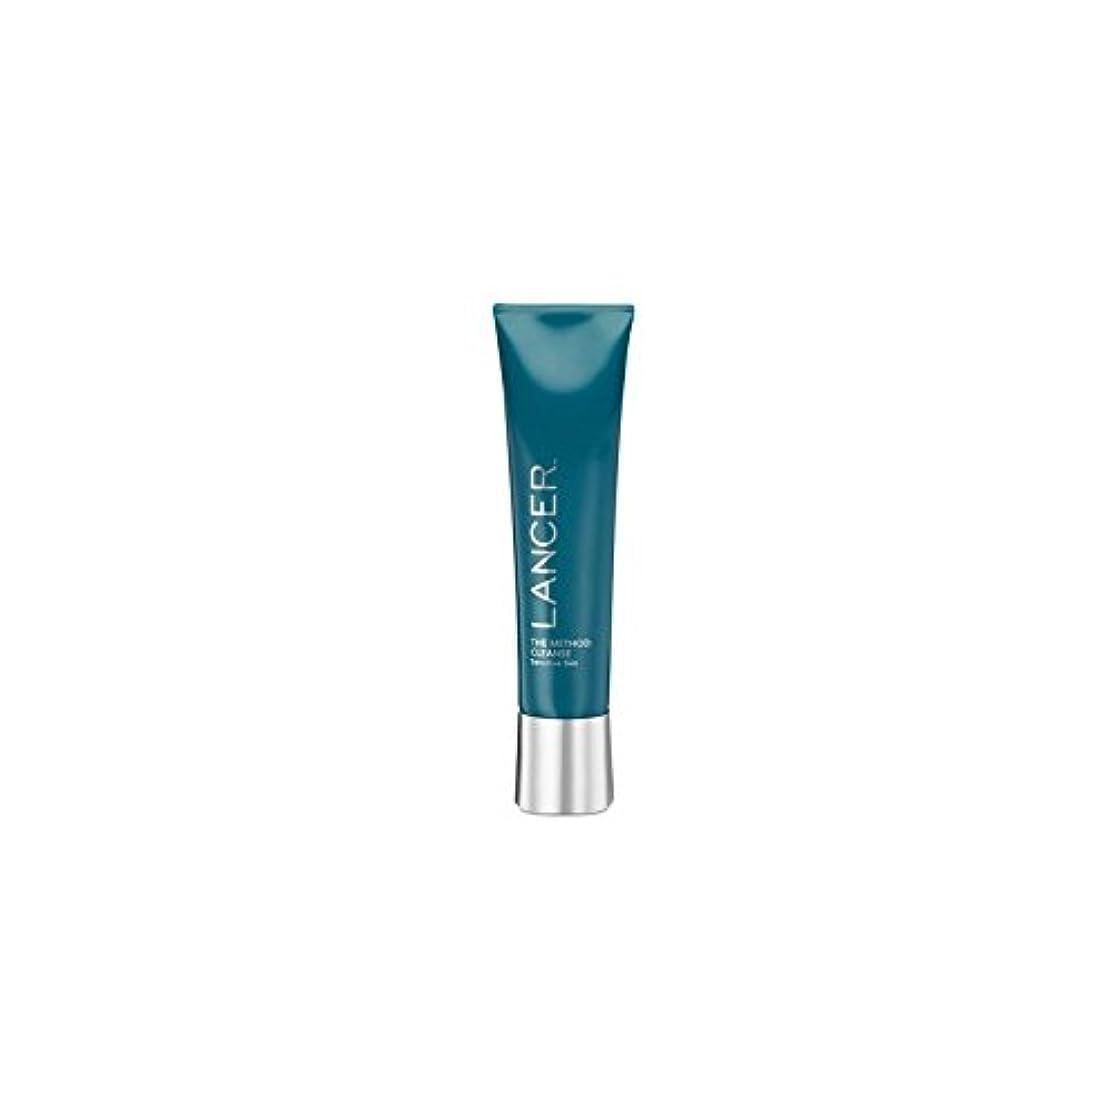 排出まとめるマーケティングLancer Skincare The Method: Cleanser Sensitive Skin (120ml) - クレンザー敏感肌(120ミリリットル):ランサーは、メソッドをスキンケア [並行輸入品]